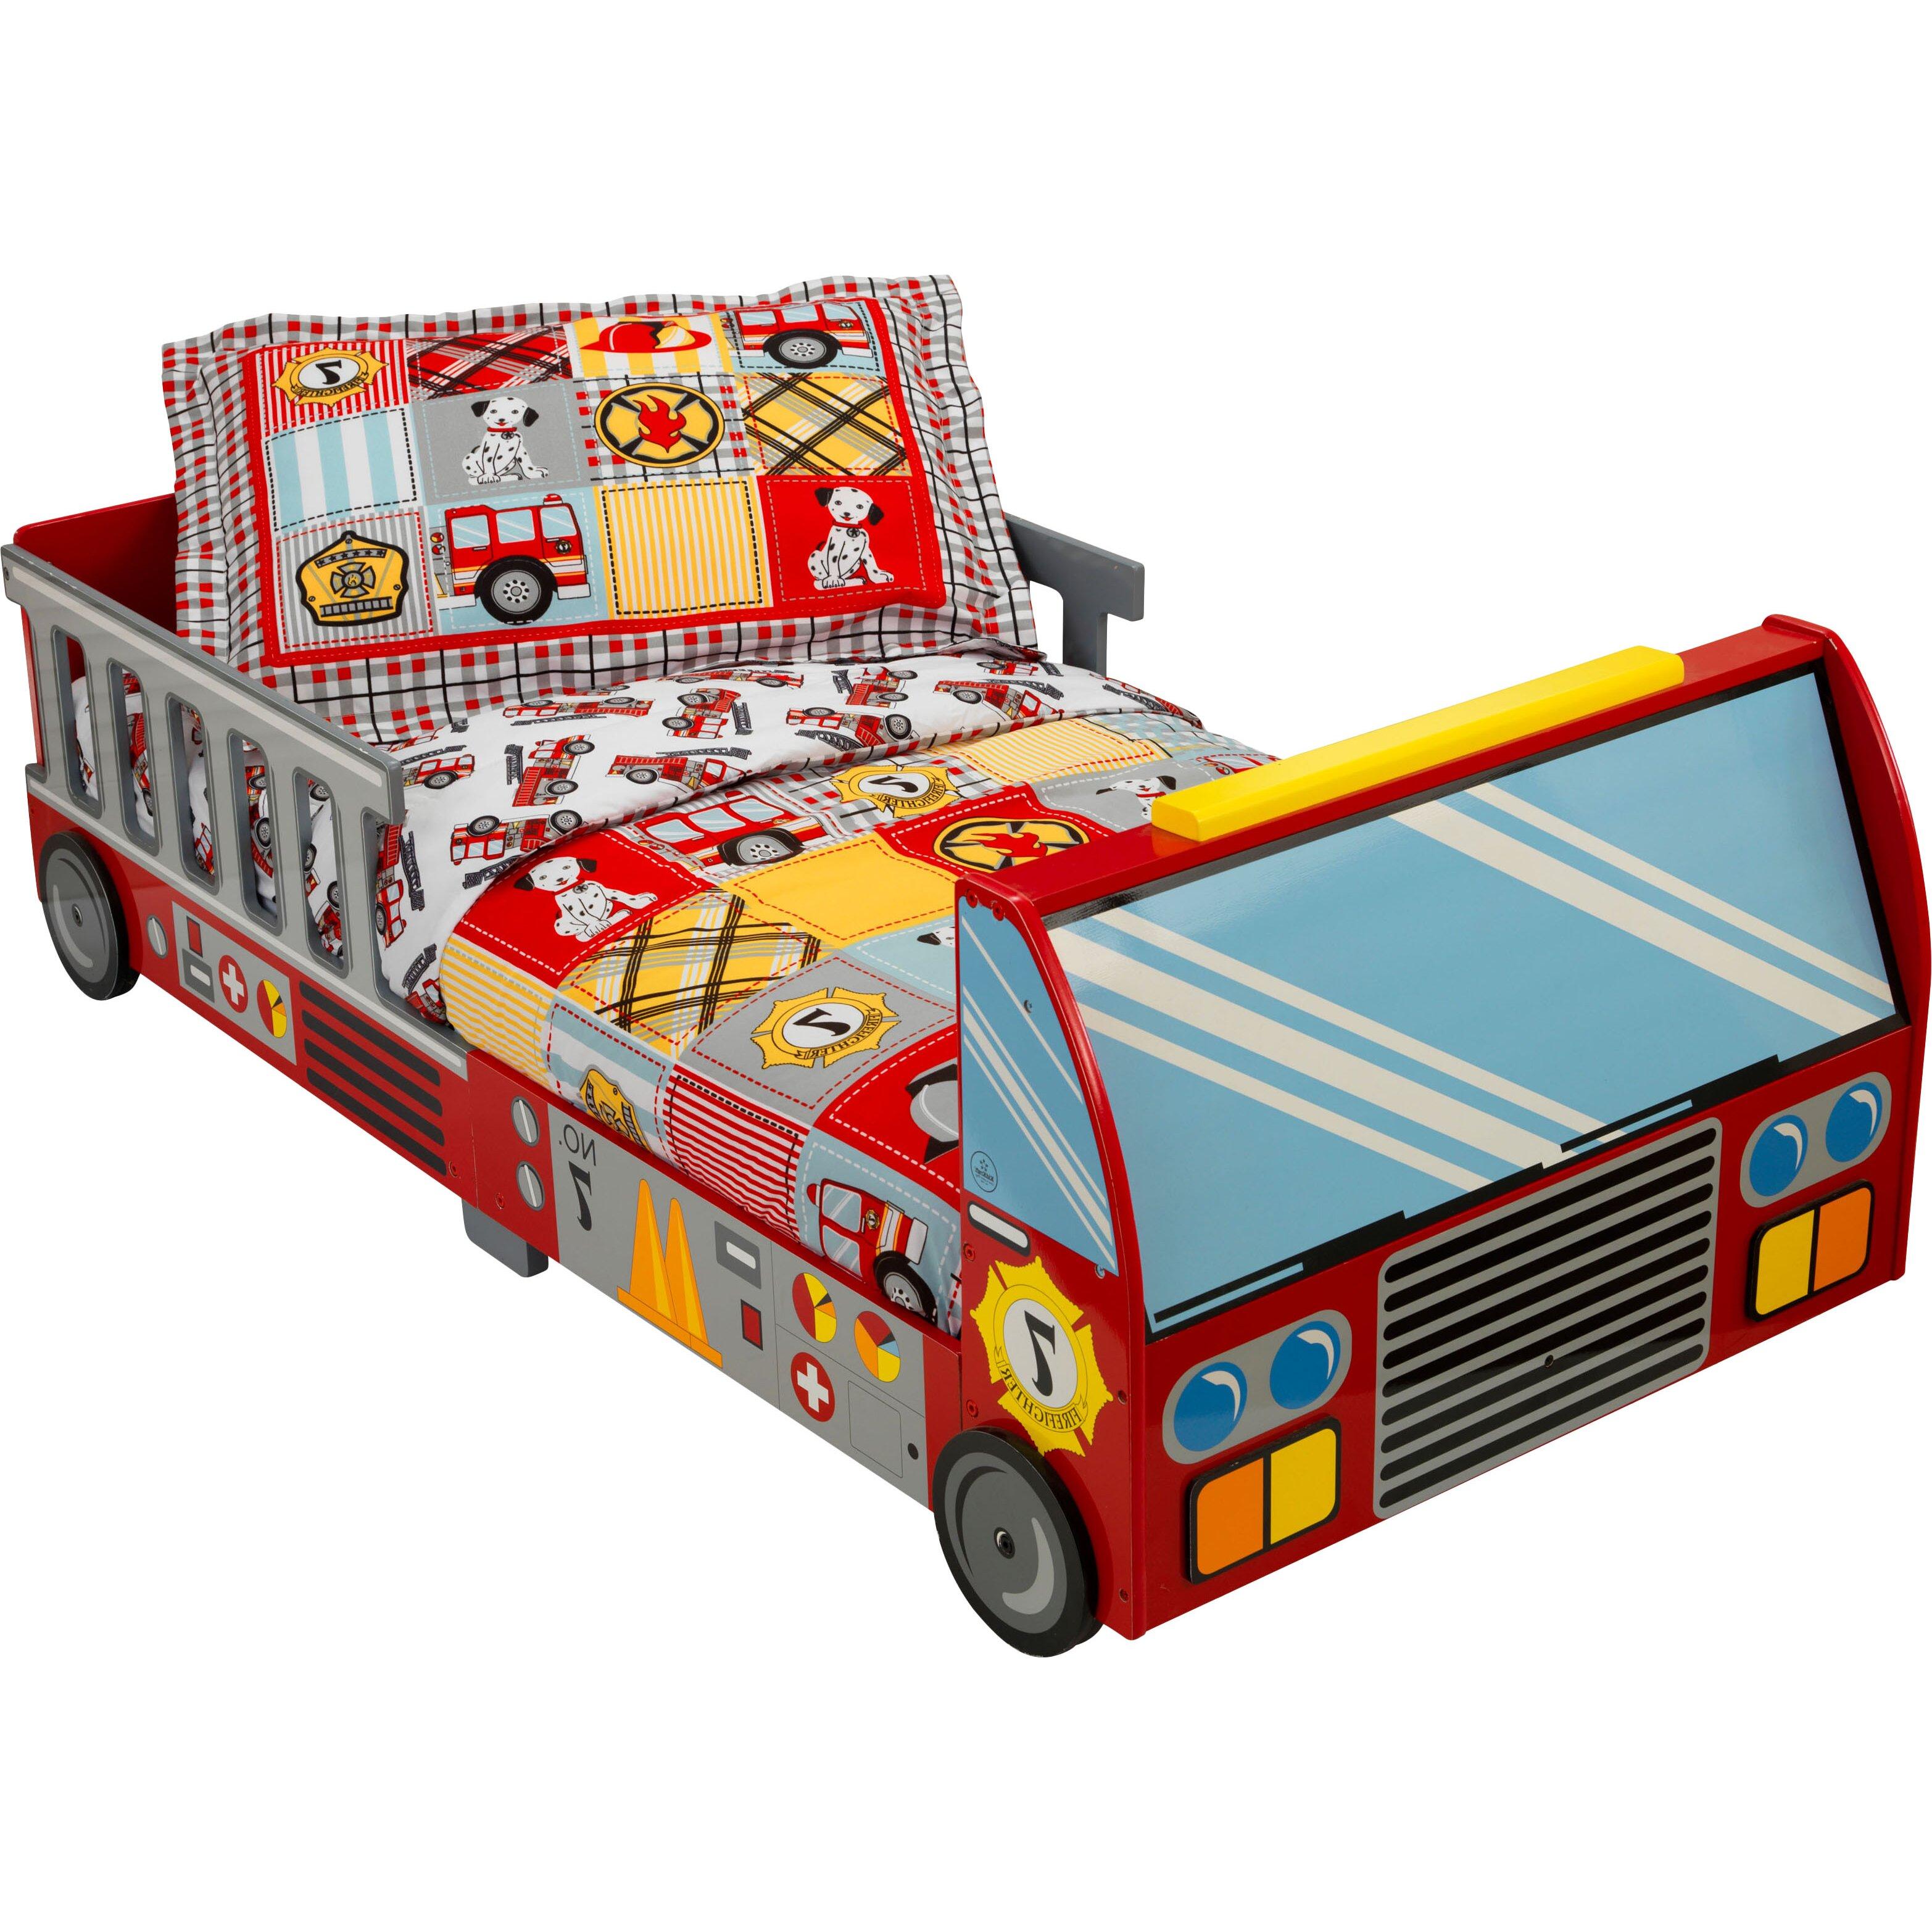 KidKraft Fire Truck Toddler Car Bed & Reviews | Wayfair.co.uk